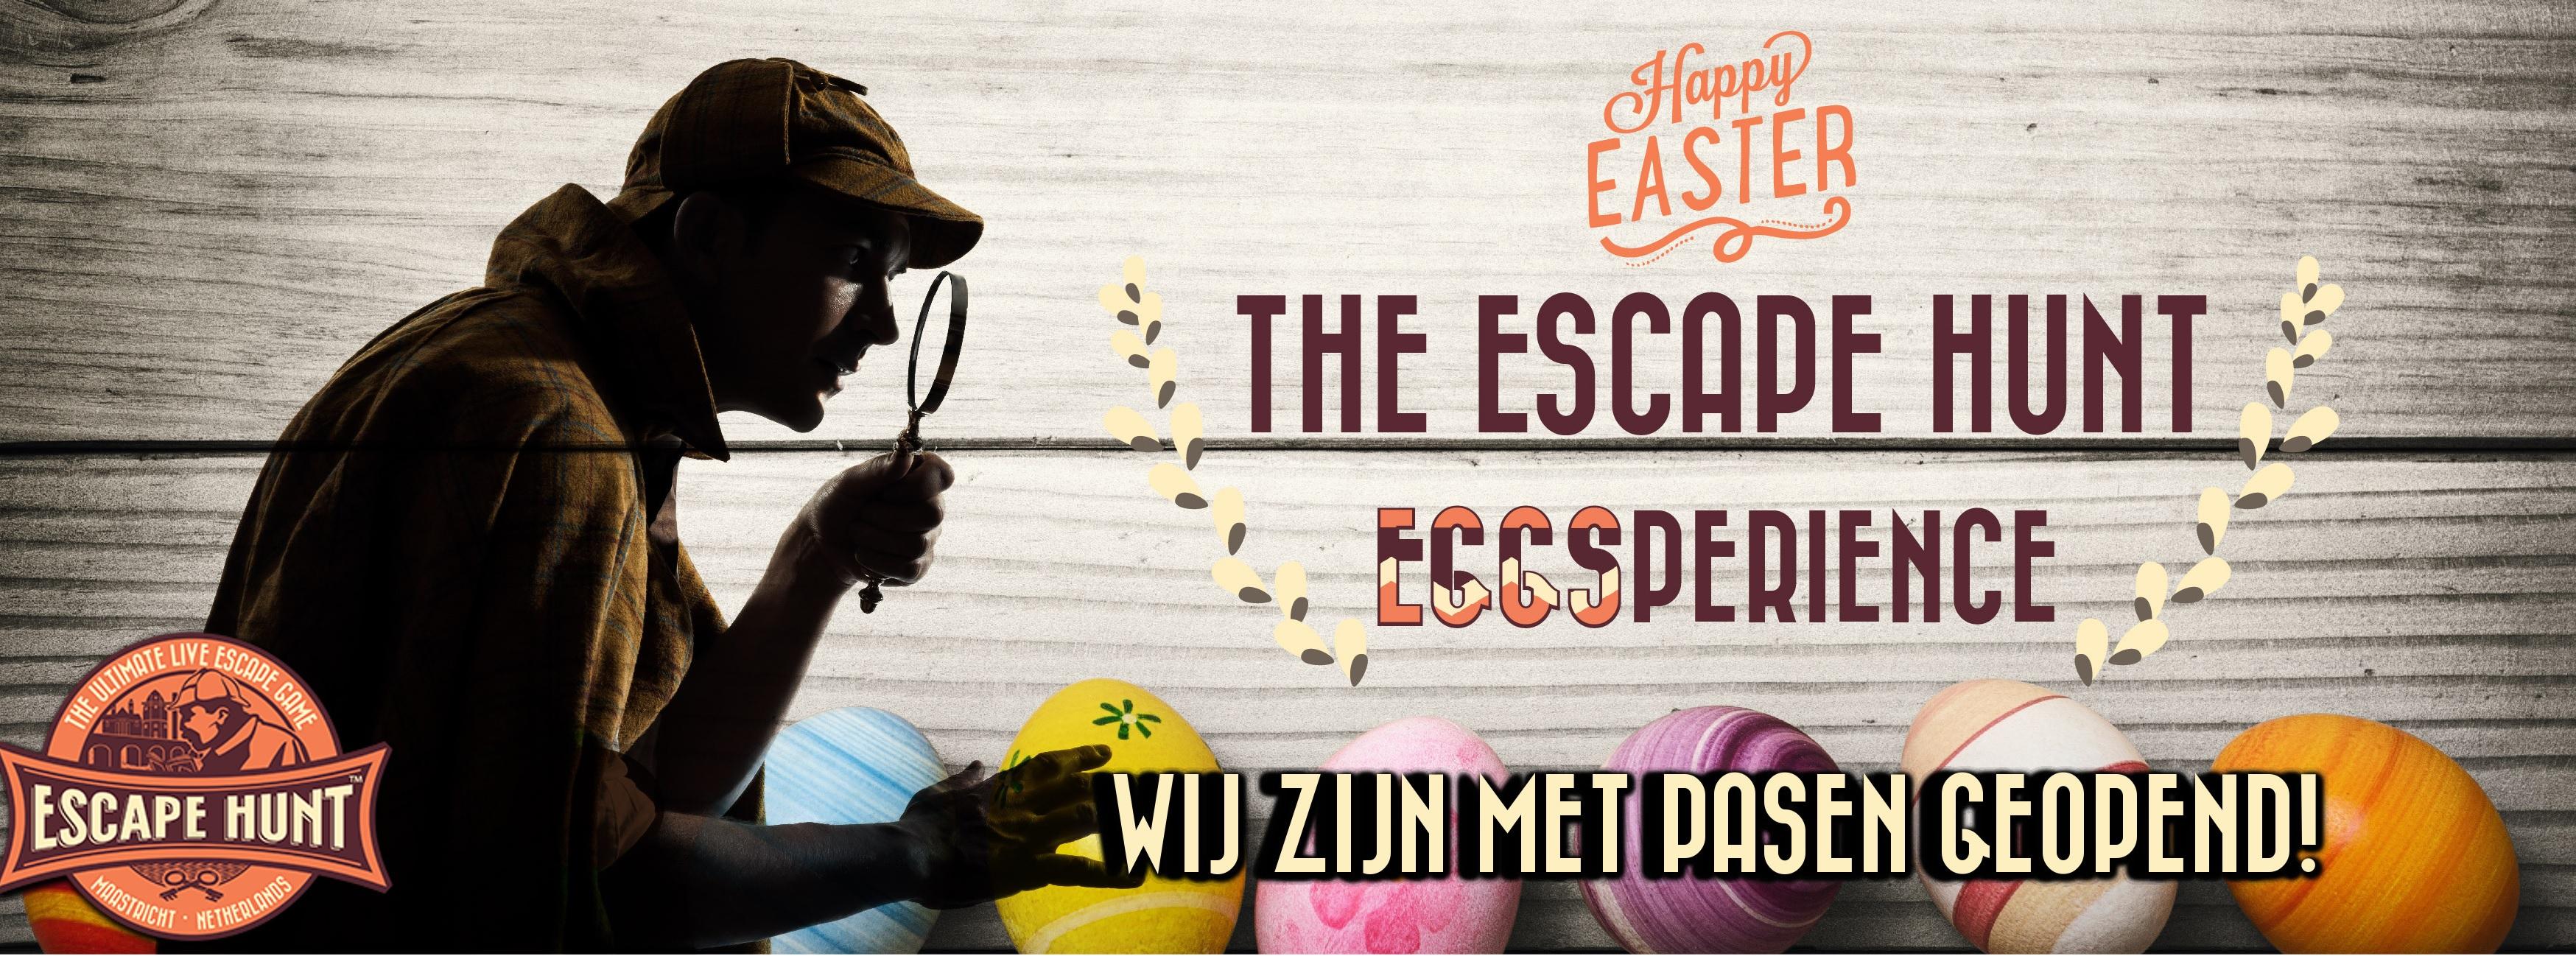 Met Pasen is The Escape Hunt Maastricht geopend!